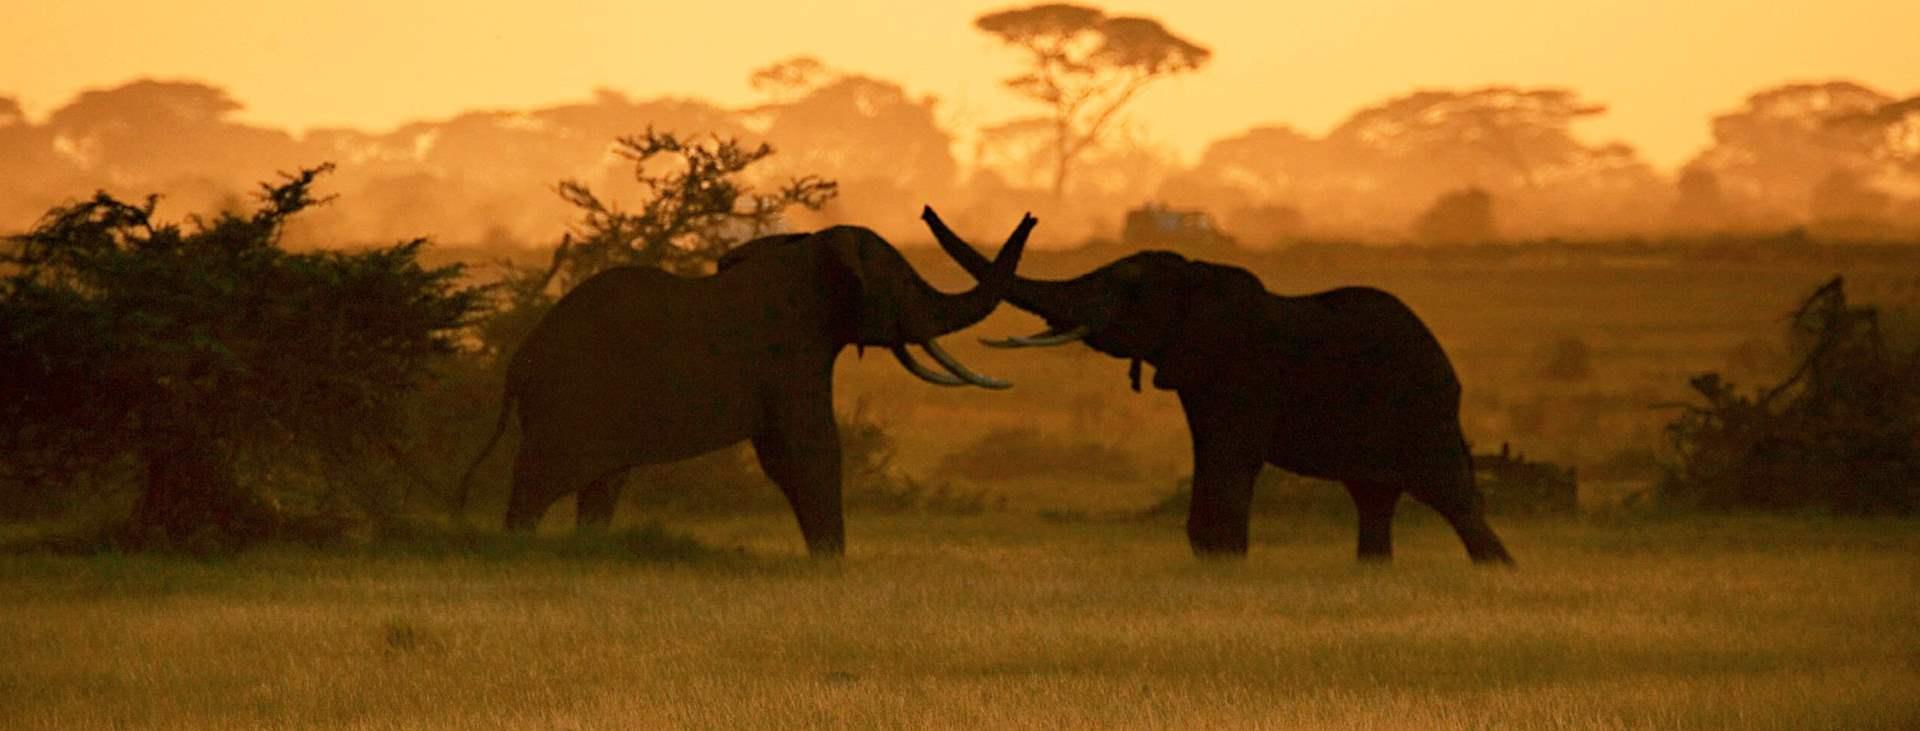 Bestill en reise til solsikre Afrika med Ving!